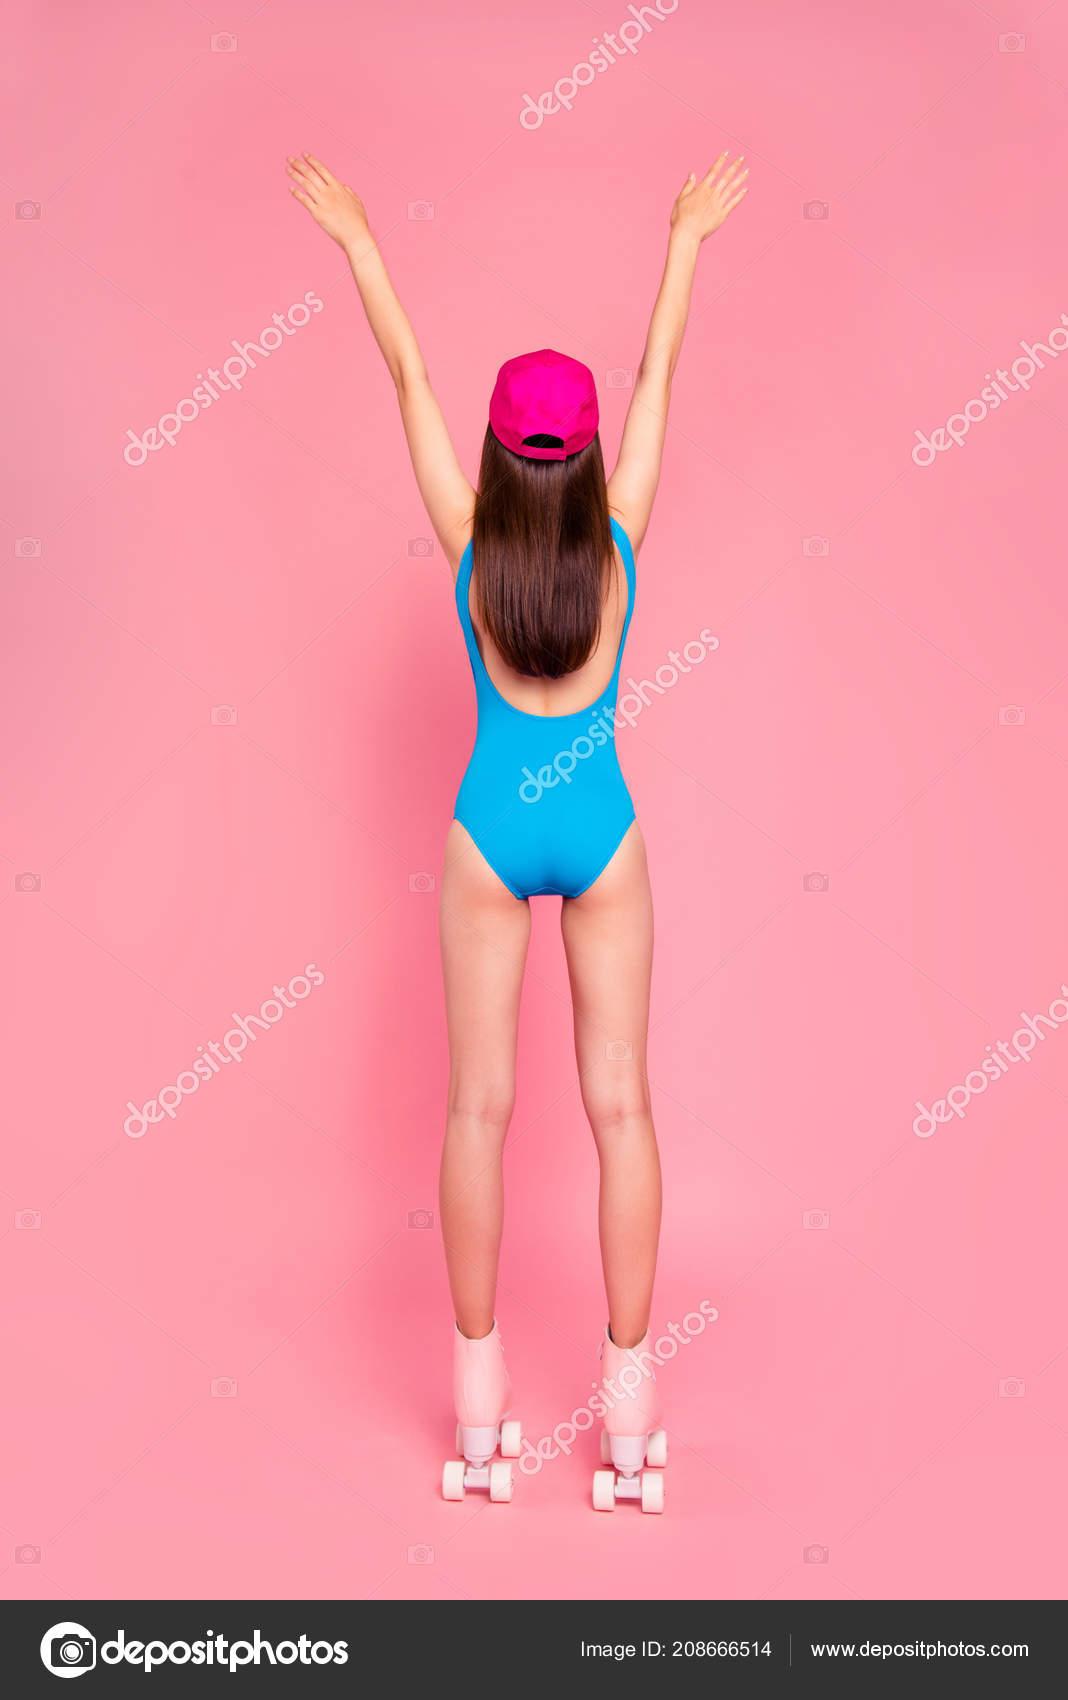 Πλήρους μεγέθους πίσω πίσω από την προβολή κάθετη φωτογραφία νεαρού  κοριτσιού γιορτάζει την έναρξη της περιόδου πίστα με τα χέρια του επάνω  απομονωμένες σε ... 697da40d269